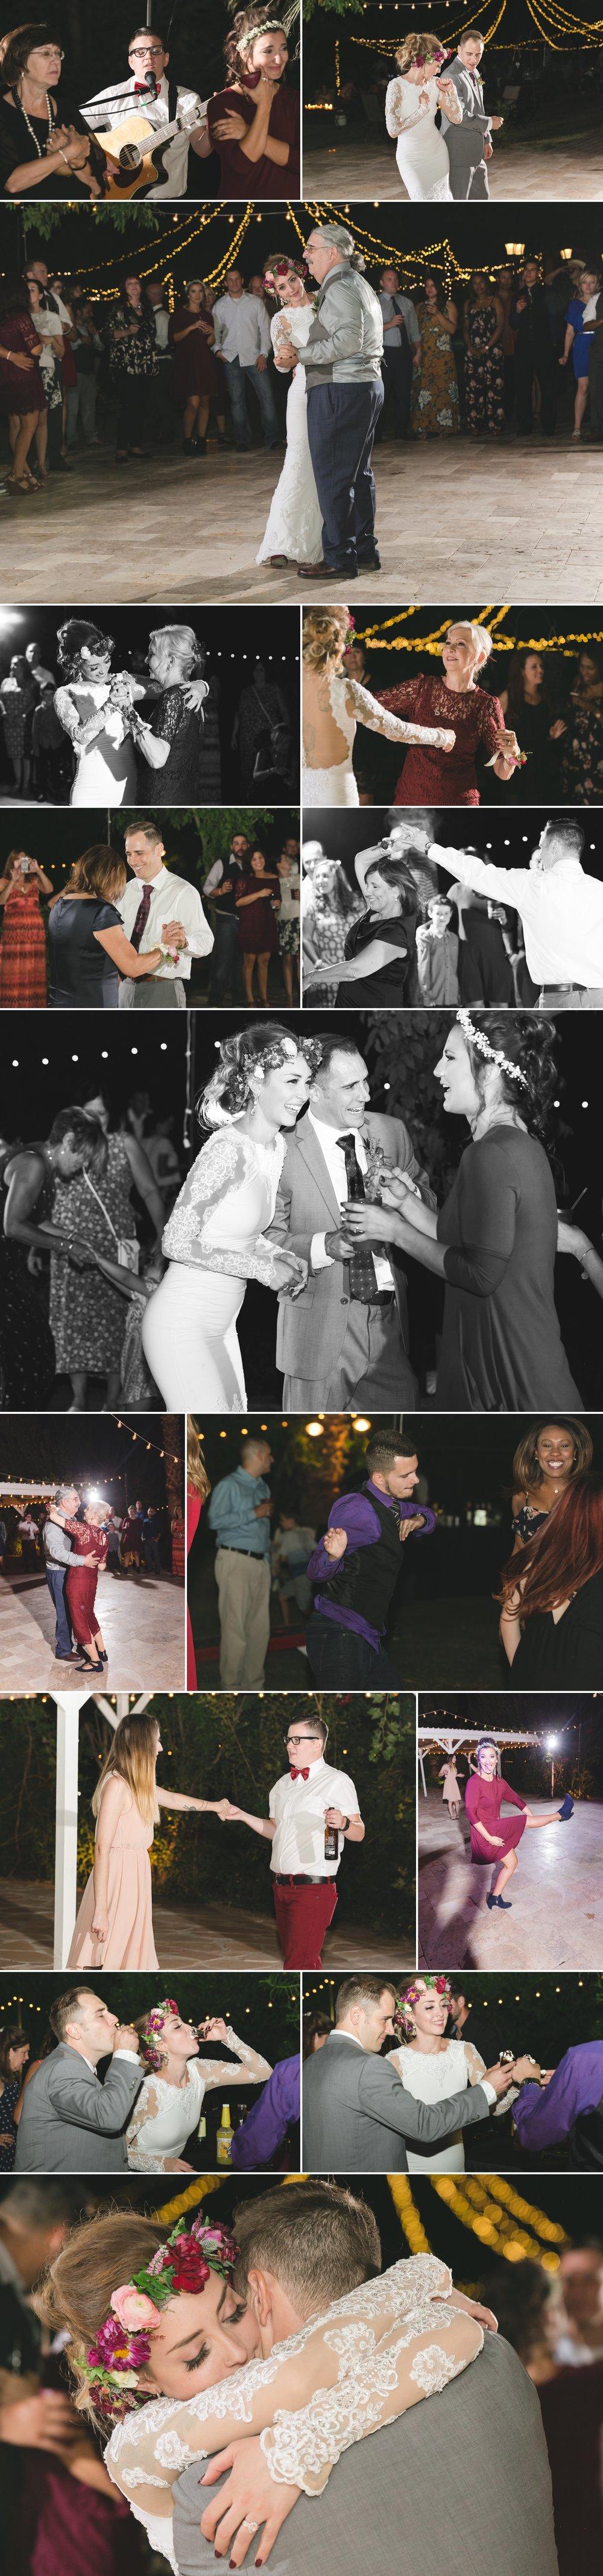 SAW WEDDING 7.jpg